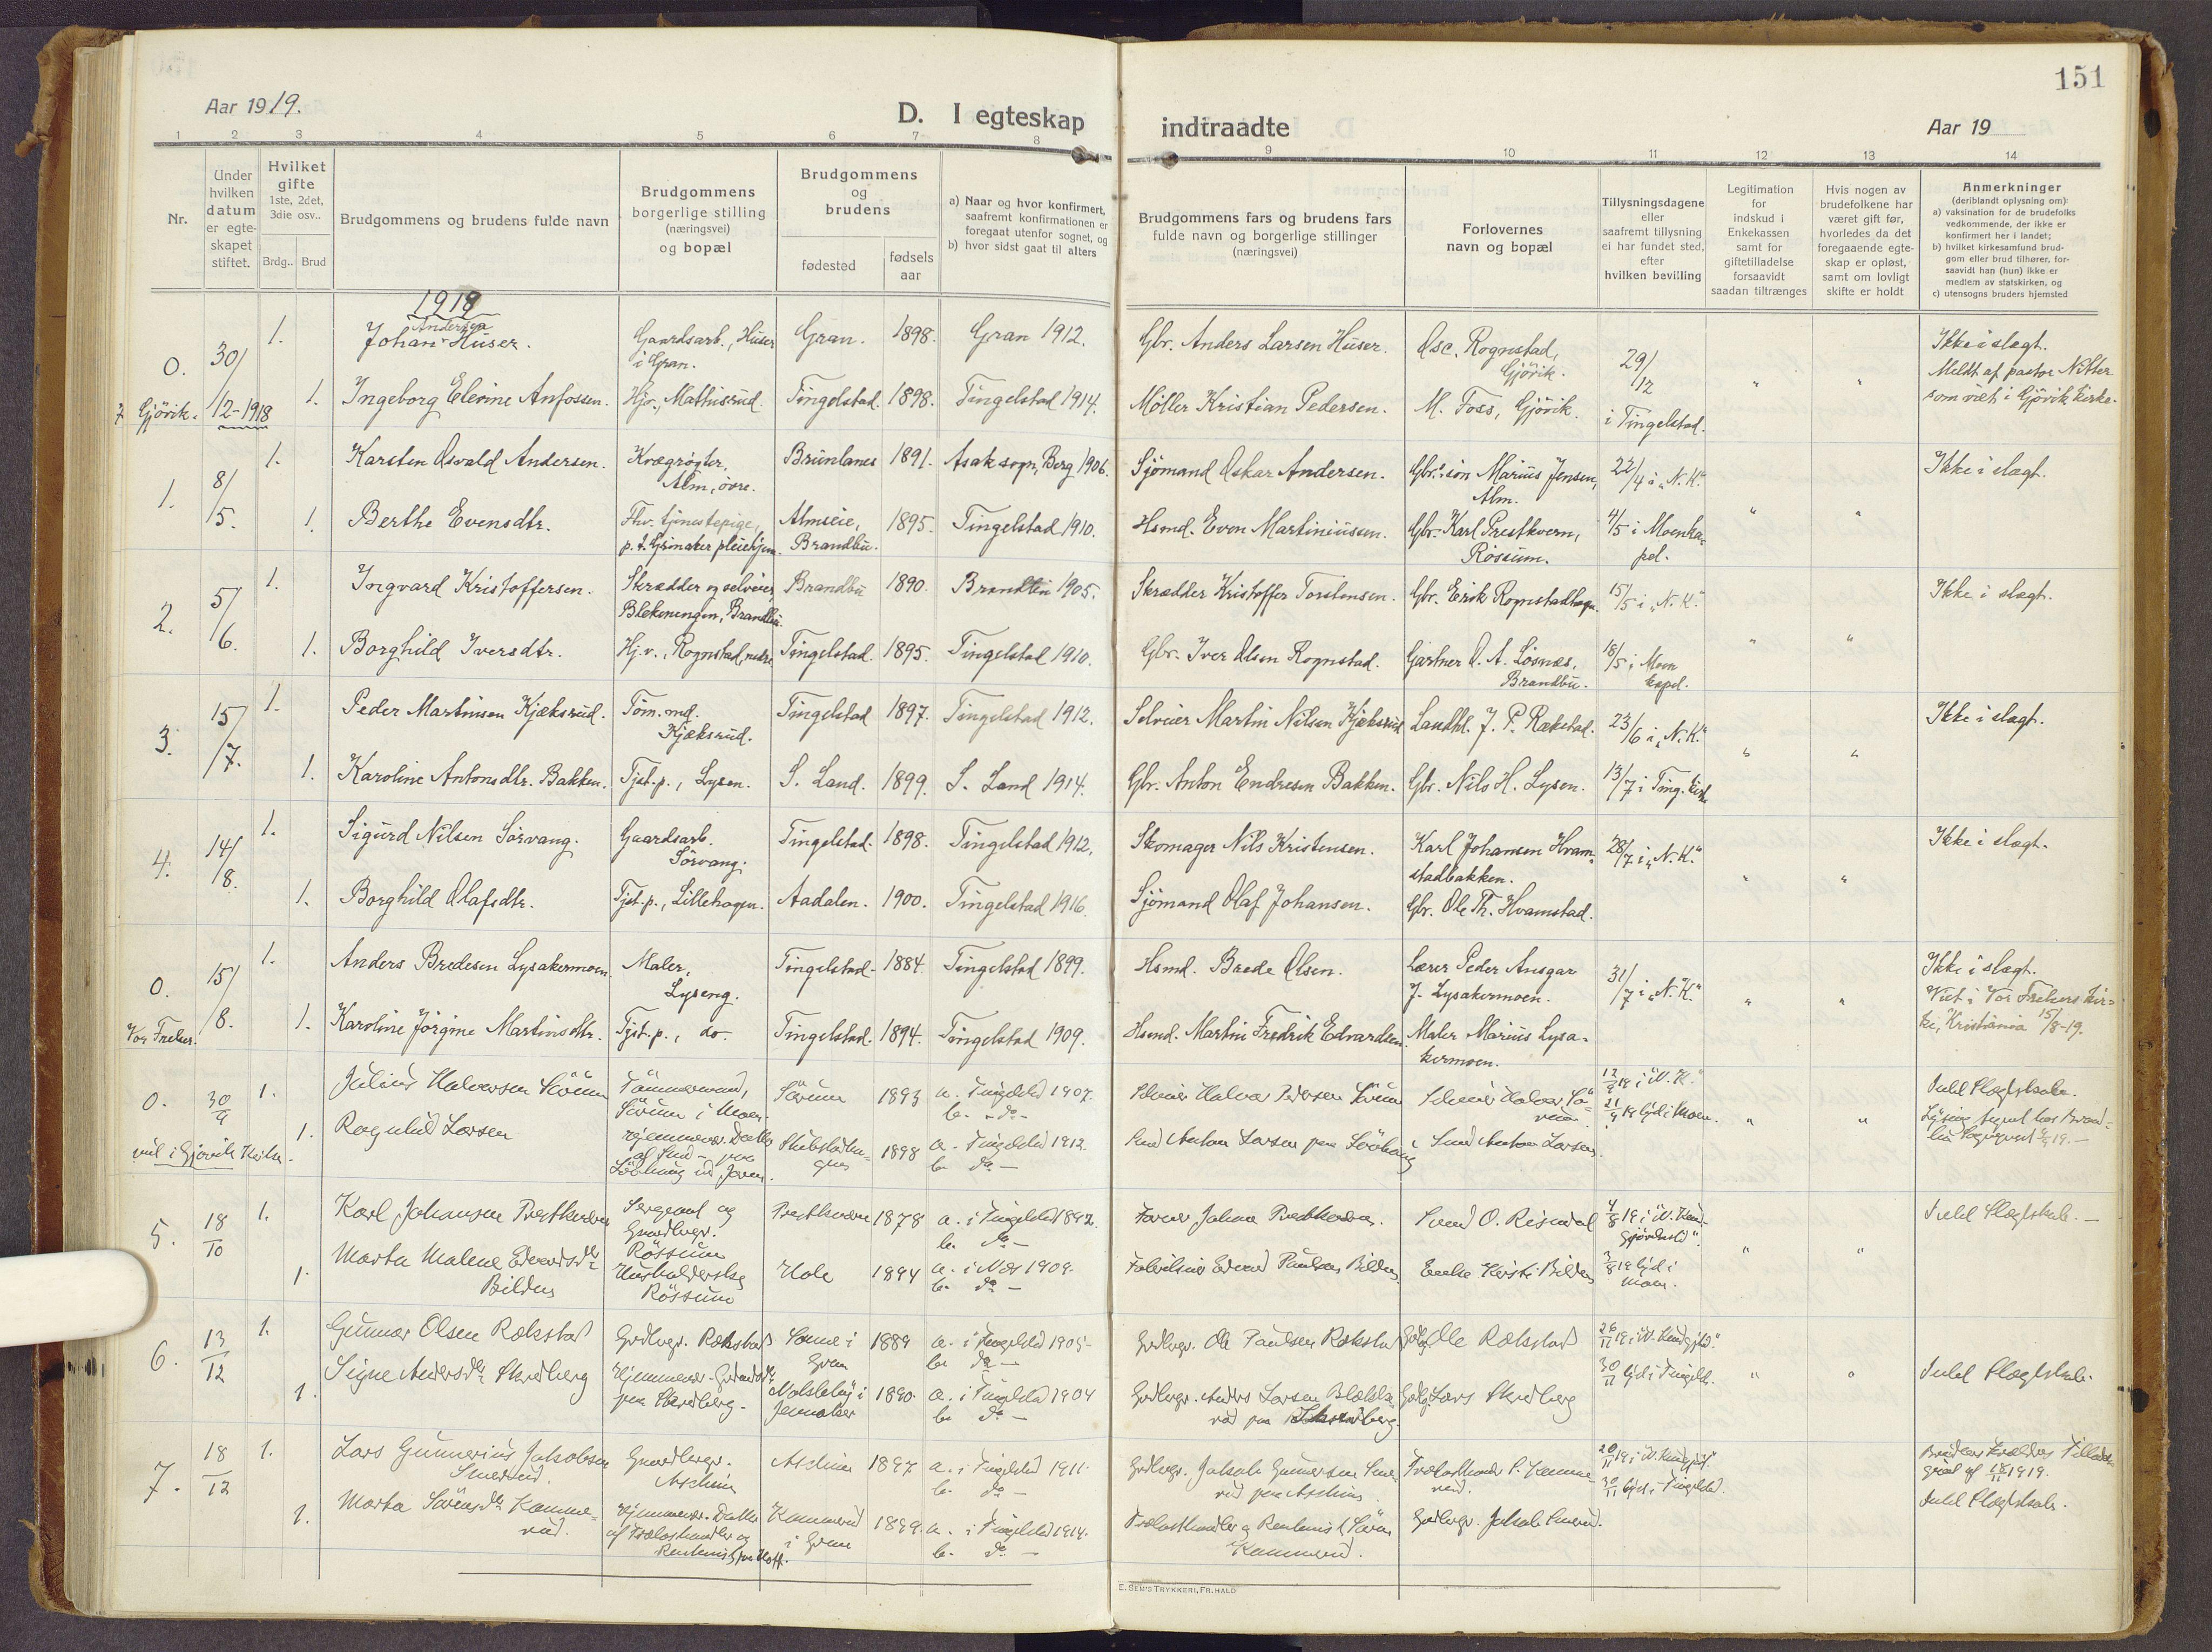 SAH, Brandbu prestekontor, Ministerialbok nr. 3, 1914-1928, s. 151